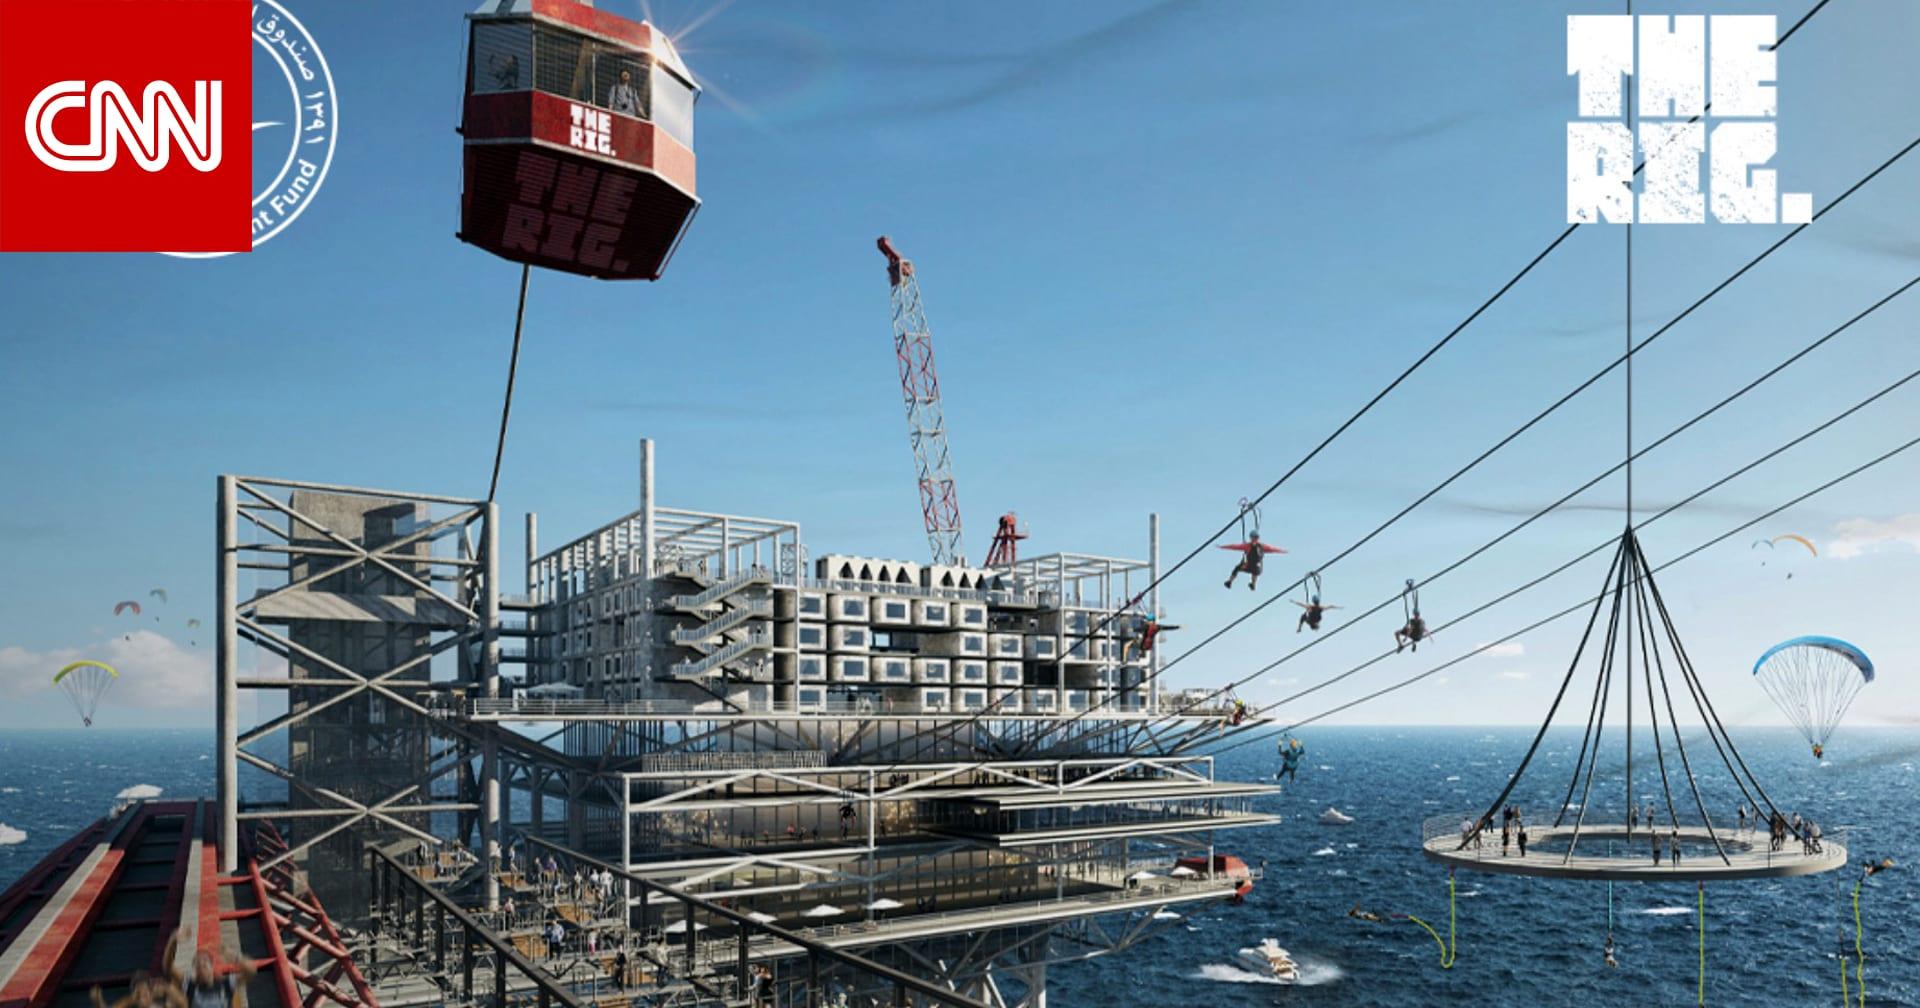 """صندوق الاستثمارات السعودي يطلق """"The Rig"""" المشروع السياحي الأول من نوعه في العالم"""